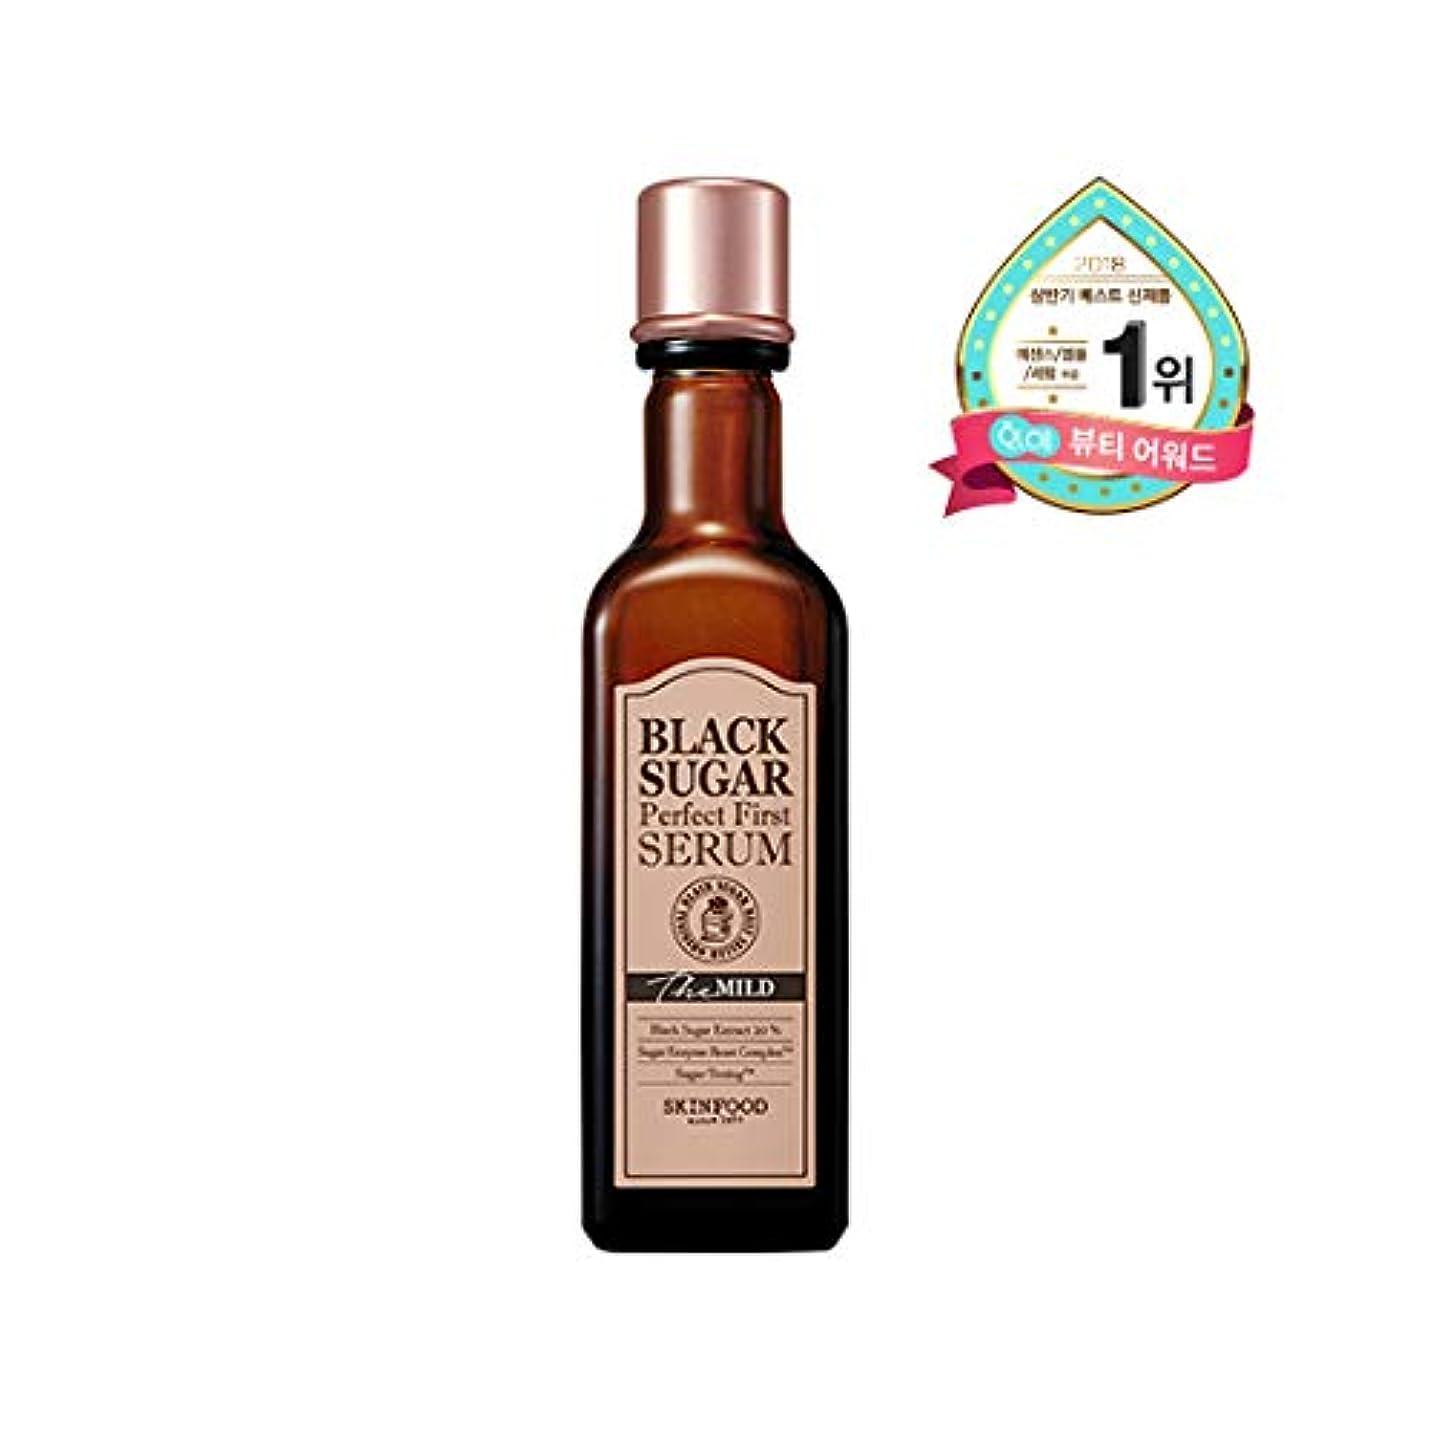 ハロウィンイブニングはちみつSkinfood black sugar perfect first serum the mild/黒糖完璧な最初の血清マイルド/120ml + 60ea [並行輸入品]